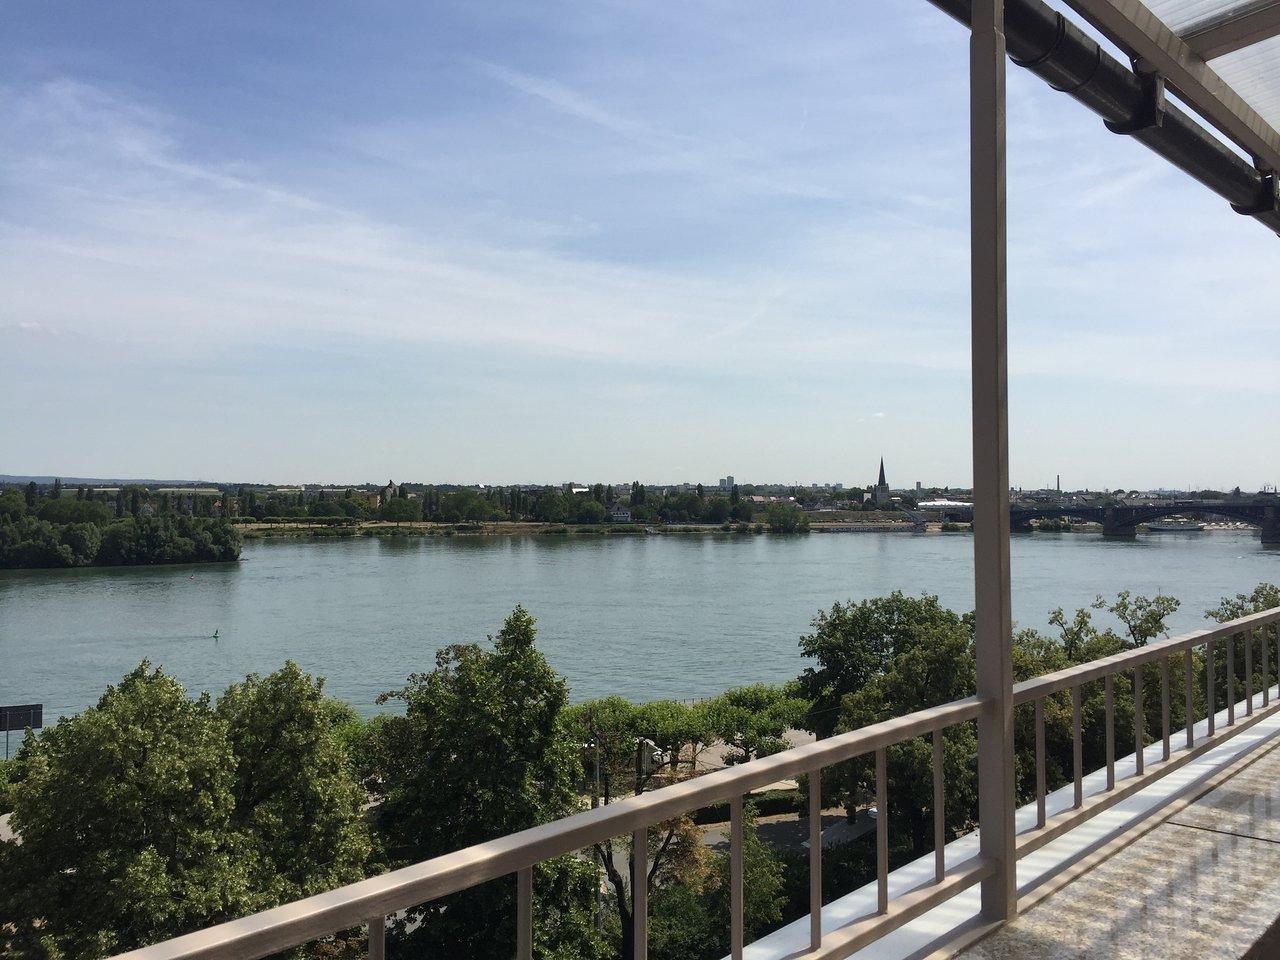 Die 10 Besten Gunstige Hotels Wiesbaden 2019 Mit Preisen